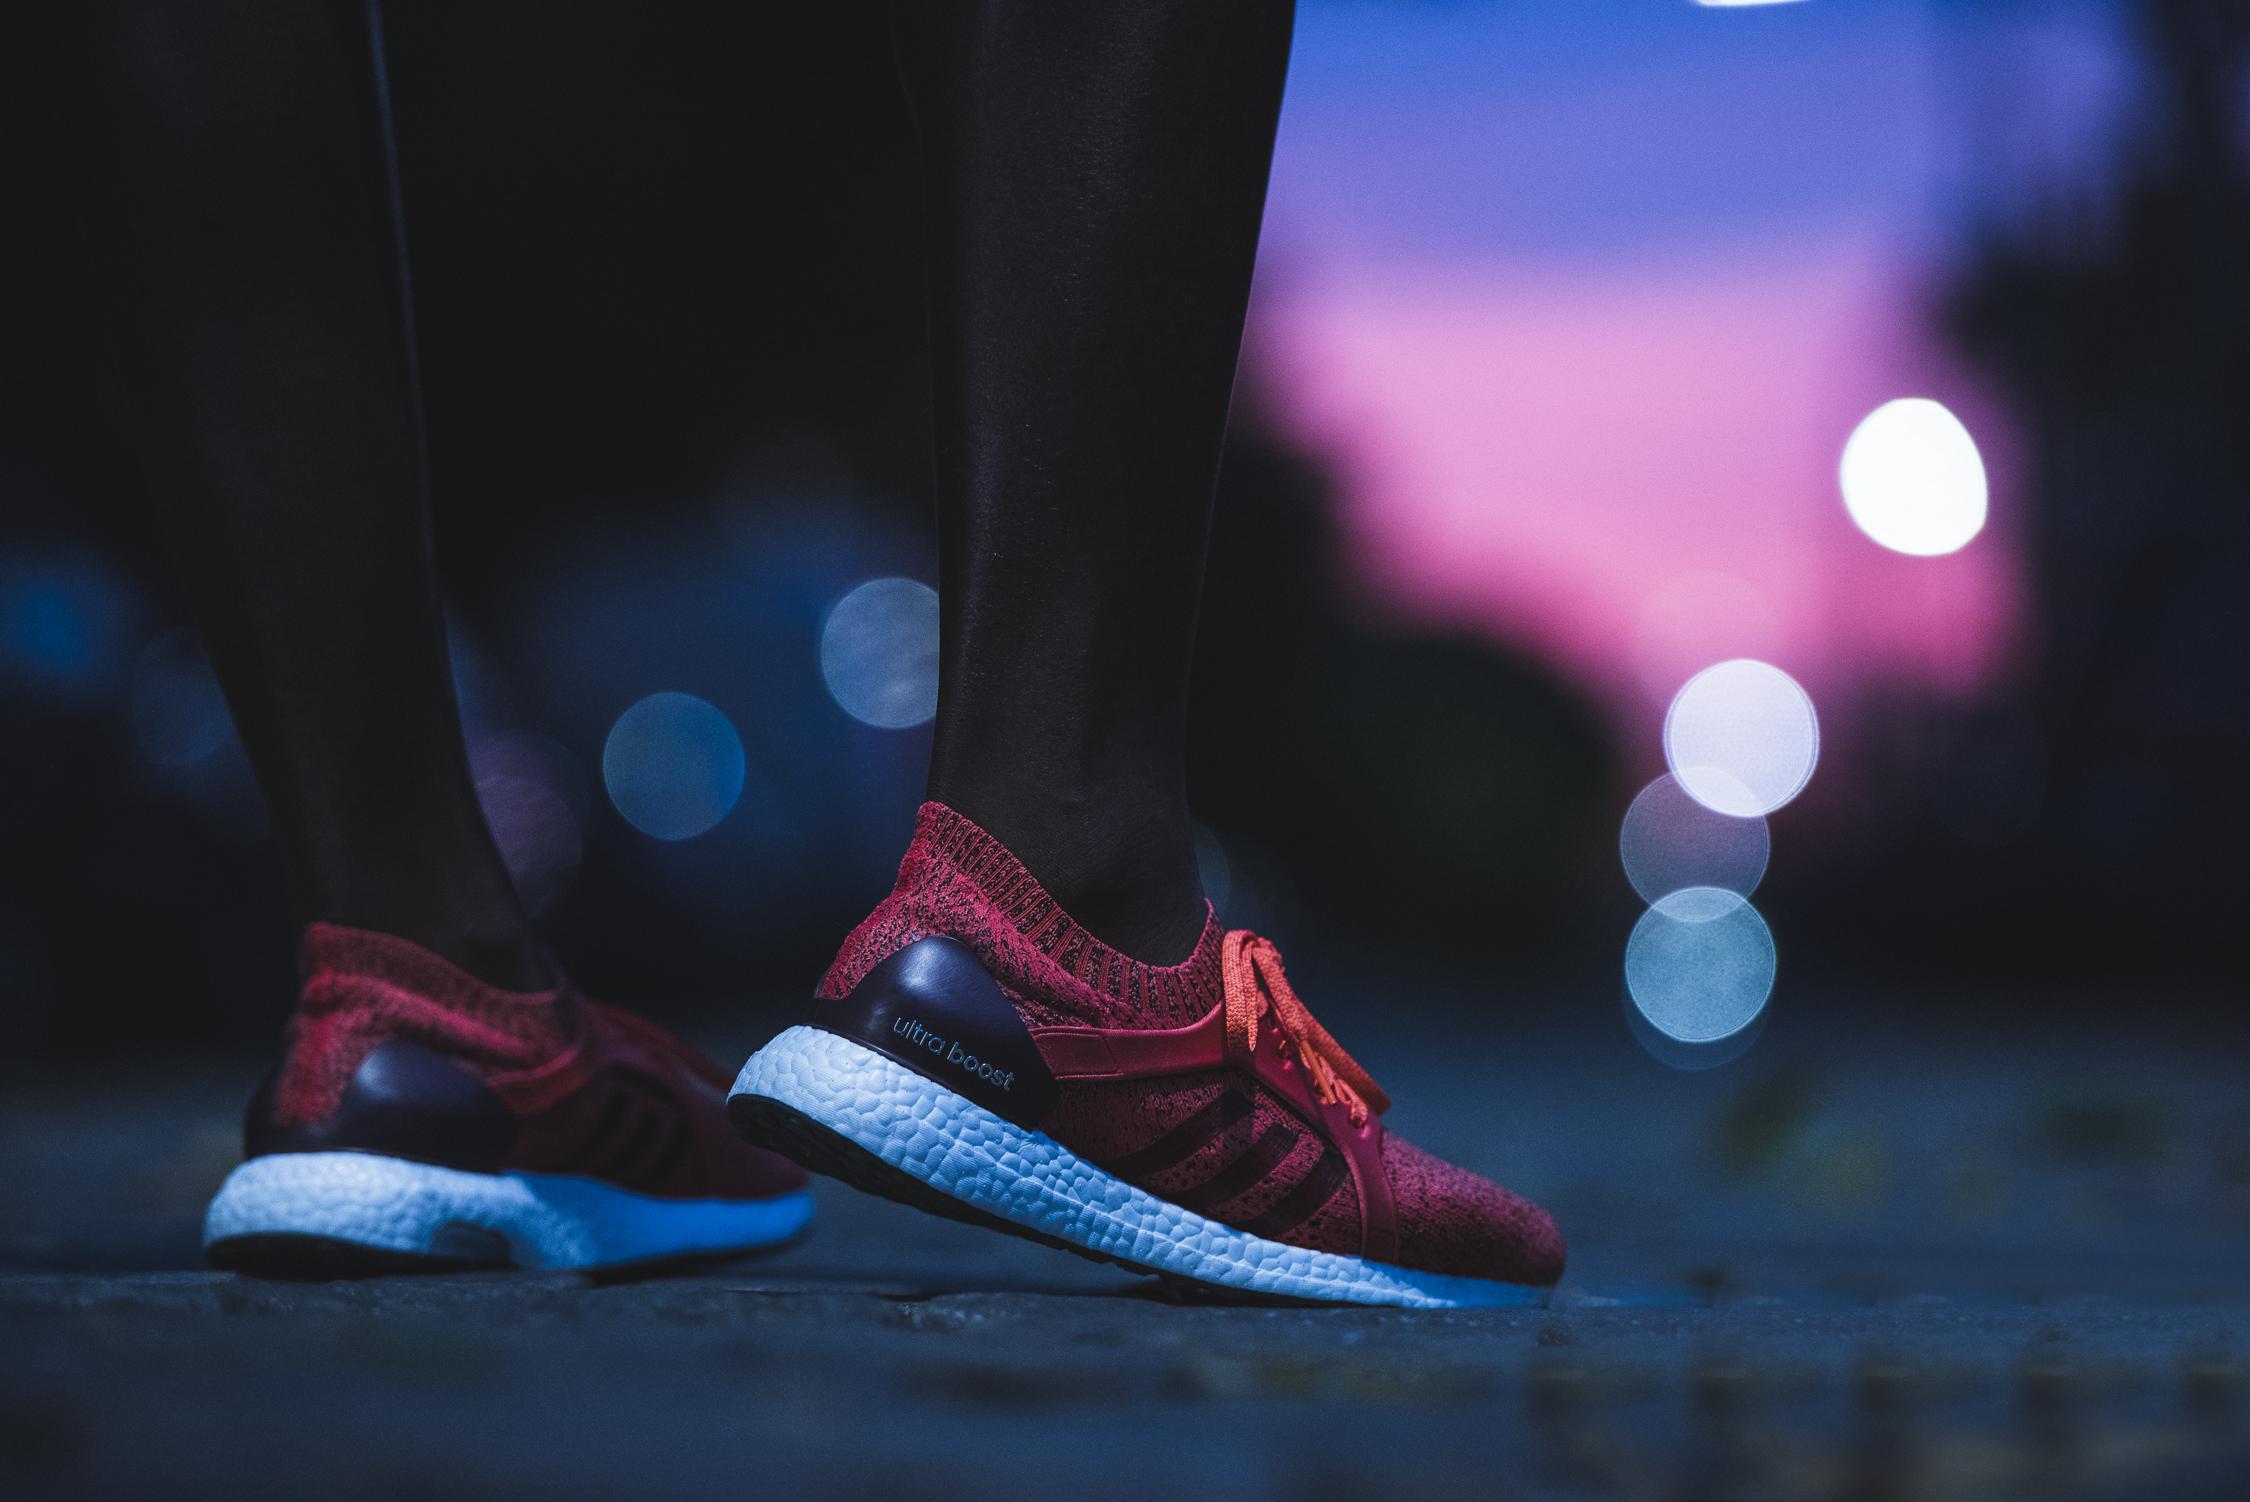 adidas_fearless_af_kamp_grizz_brian_kelley_10.jpg